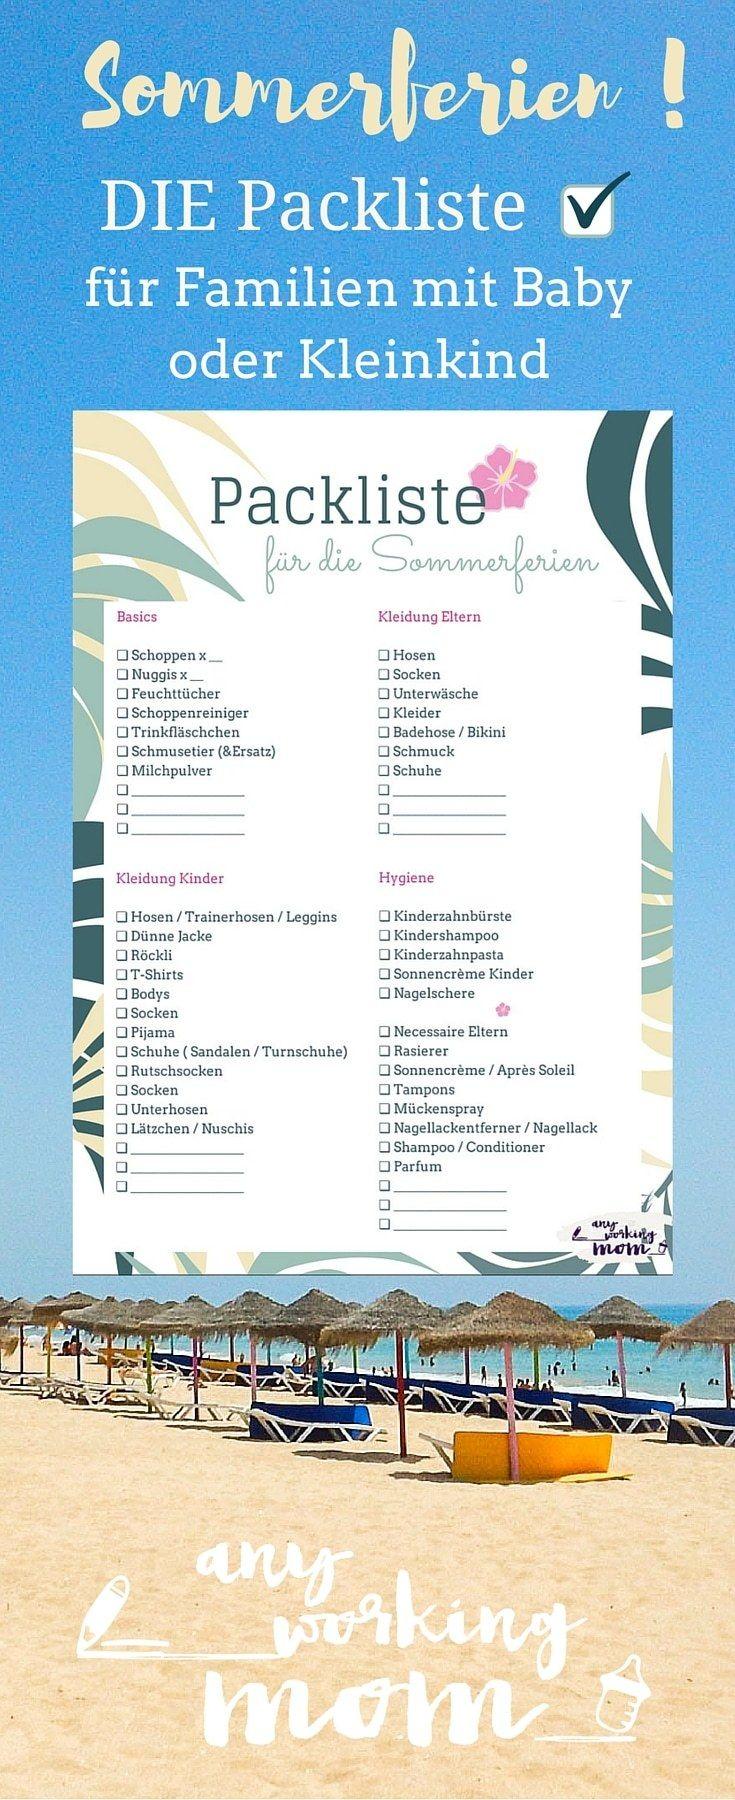 Die komplette Packliste für Ferien mit Baby und Kleinkind inklusive Reiseapotheke und - Equipment von www.anyworkingmom.com